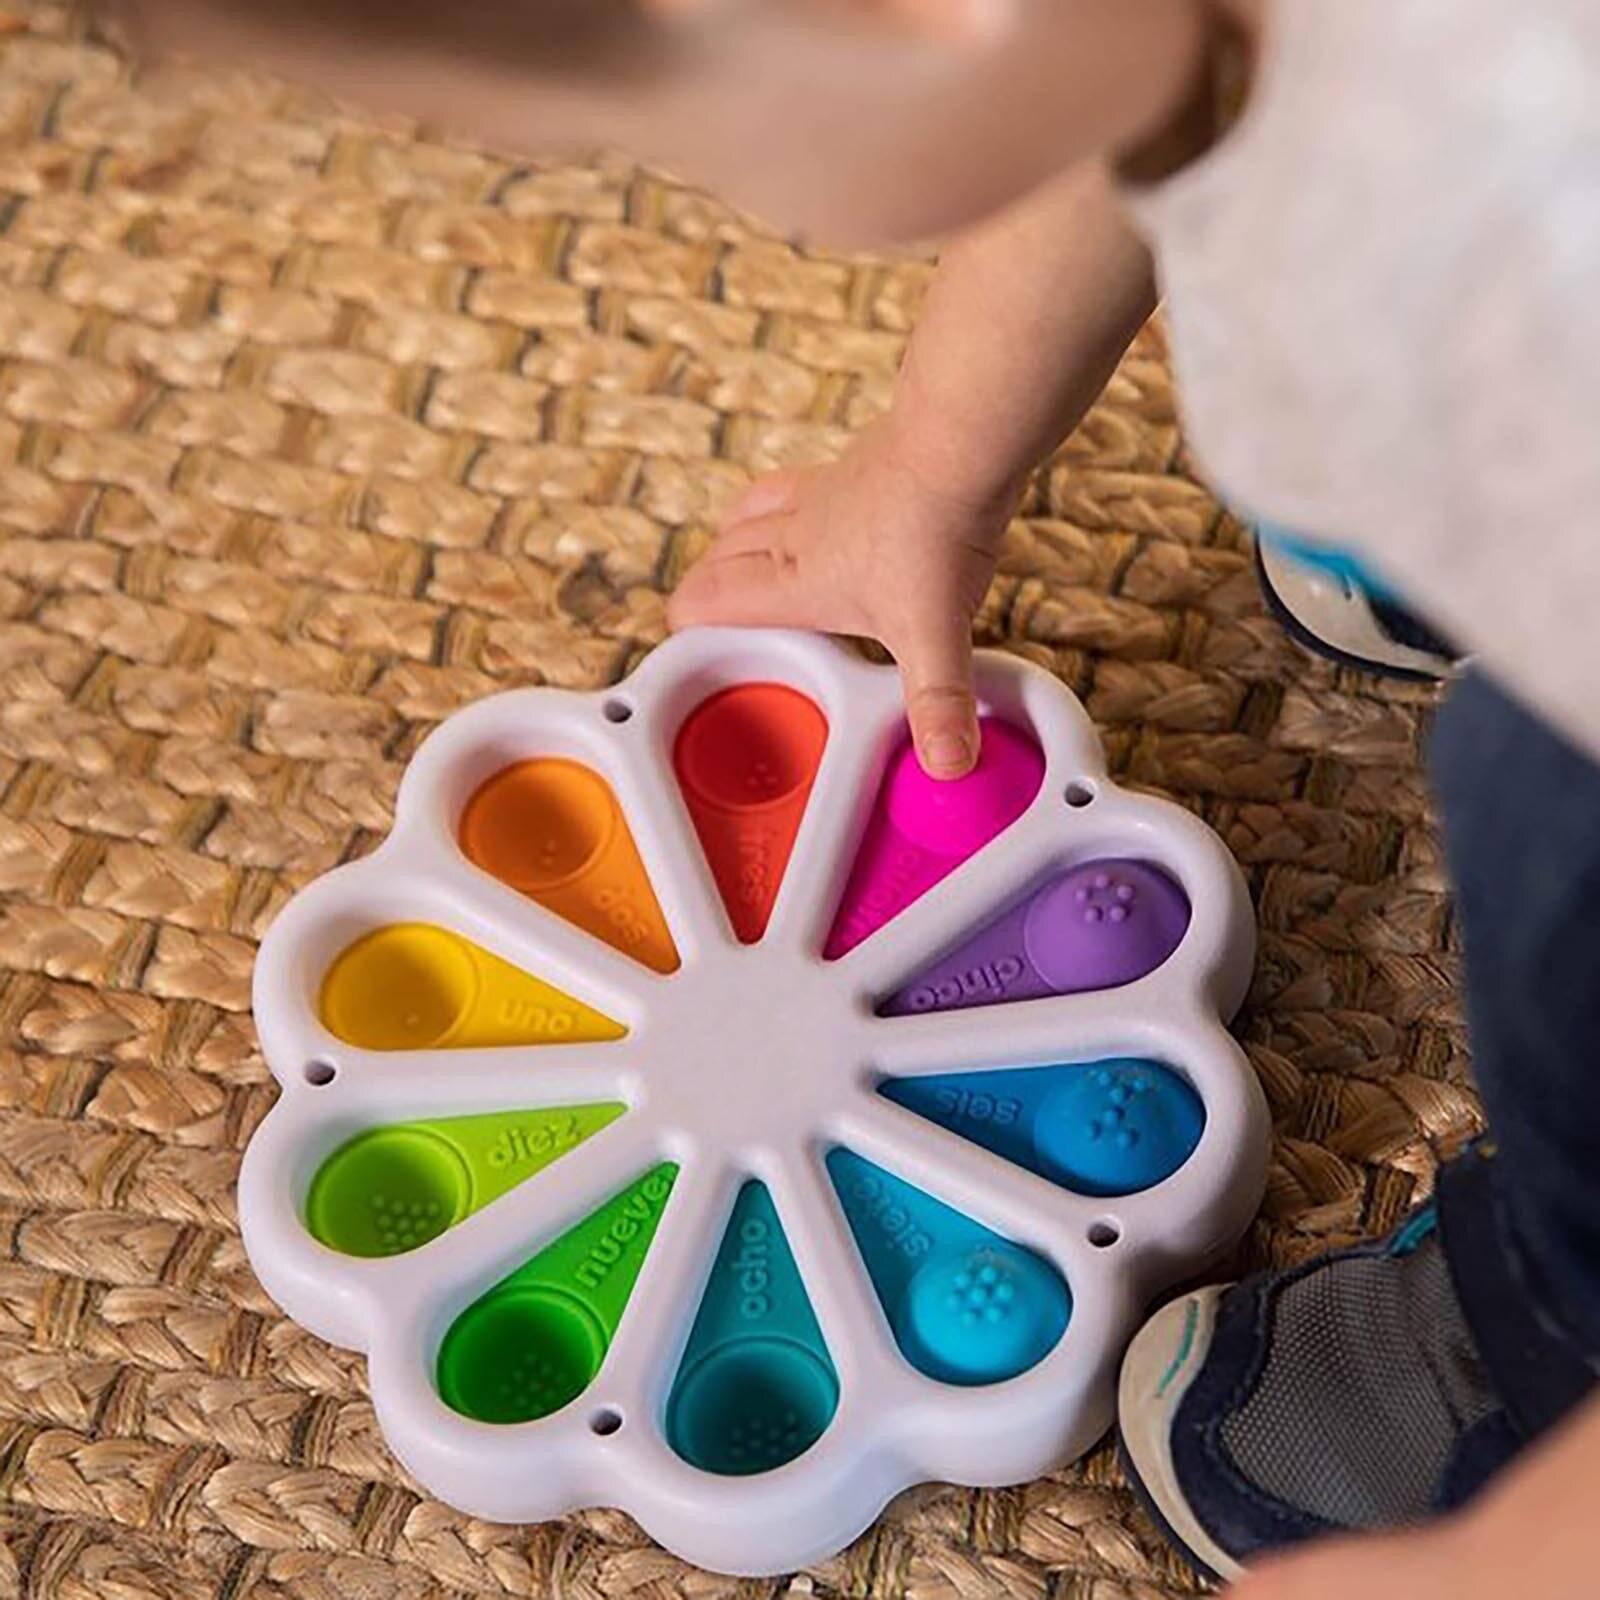 Simple Dimpl Digits Fidget Toy